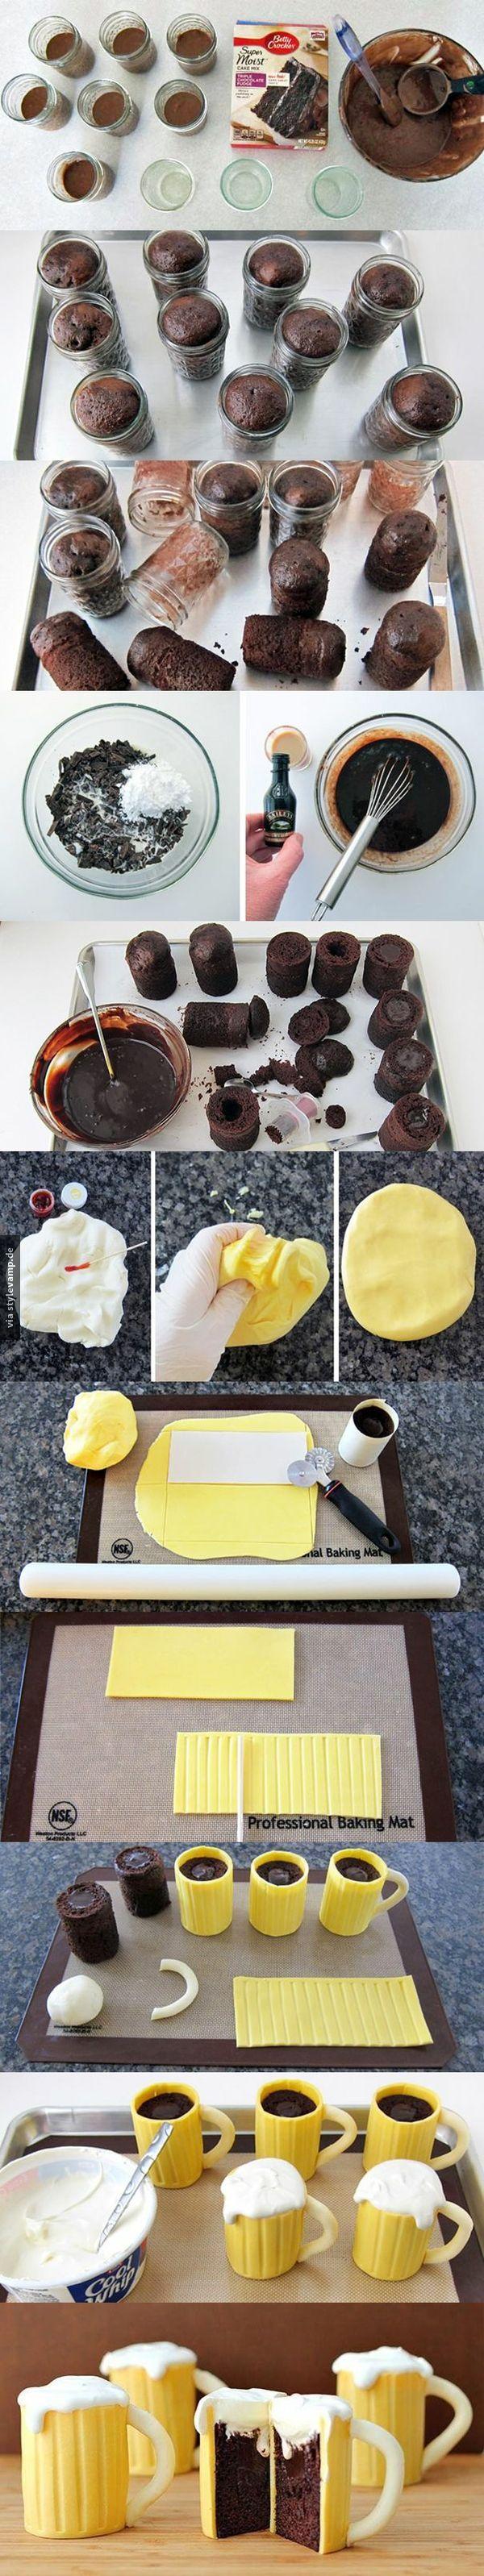 Eine süße Maß (How To Baking Bread)